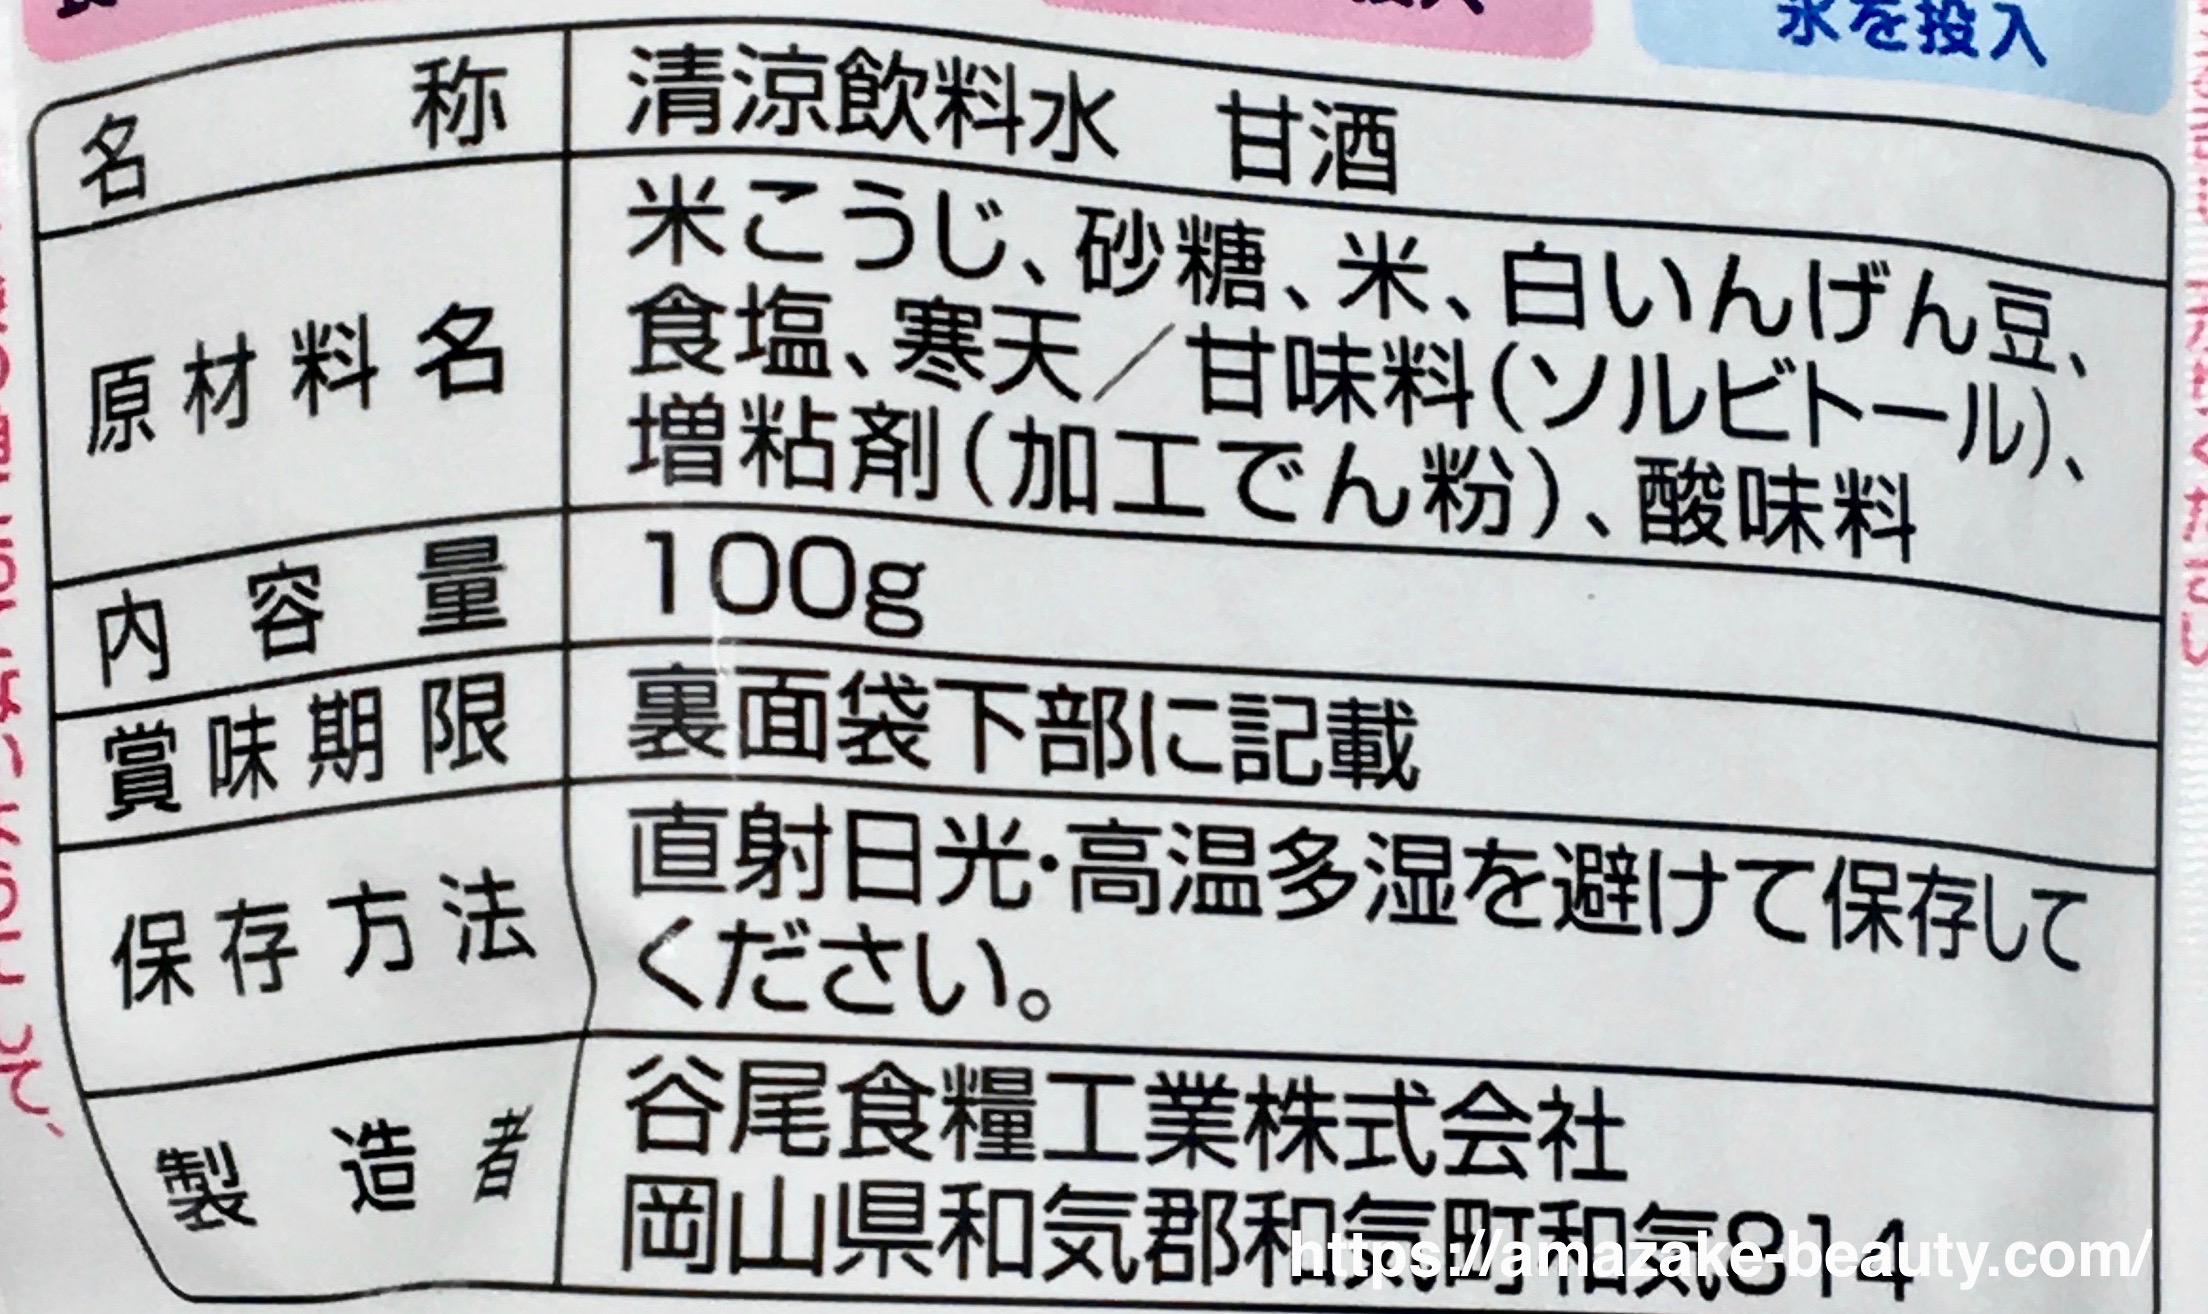 谷尾食糧工業 『凍らせて食べる甘酒バー』(商品情報)